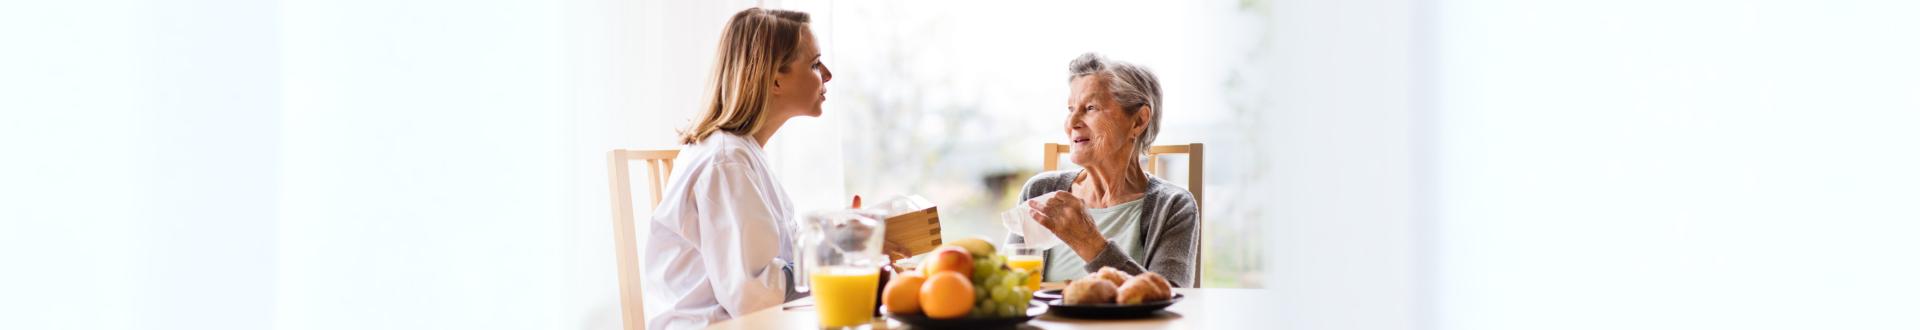 senior woman eating while talking